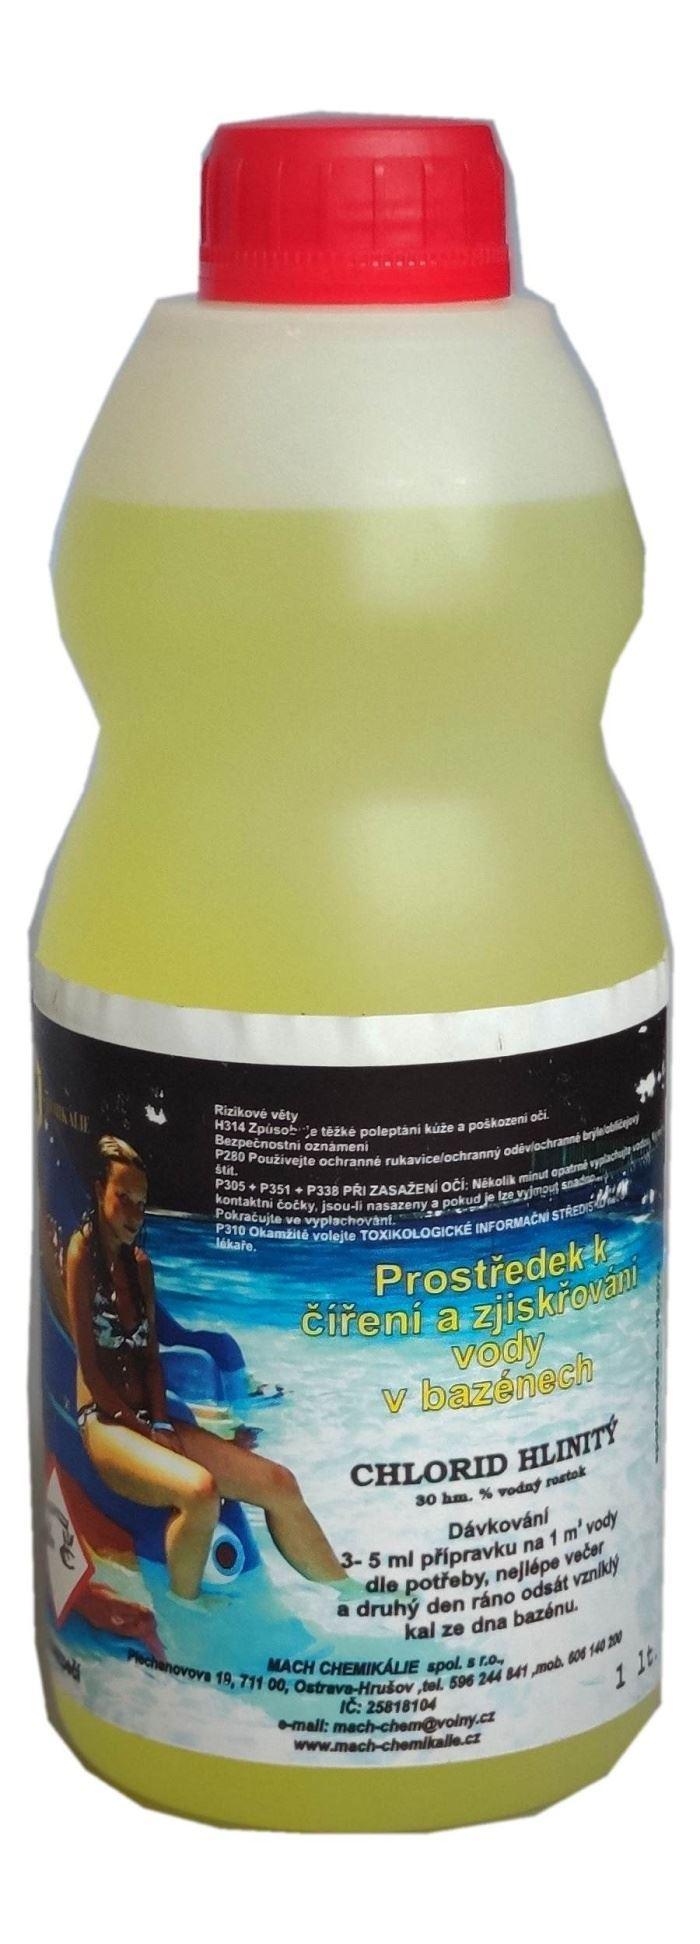 Prostředek k číření a zjiskřování vody v bazénech, 1 litr